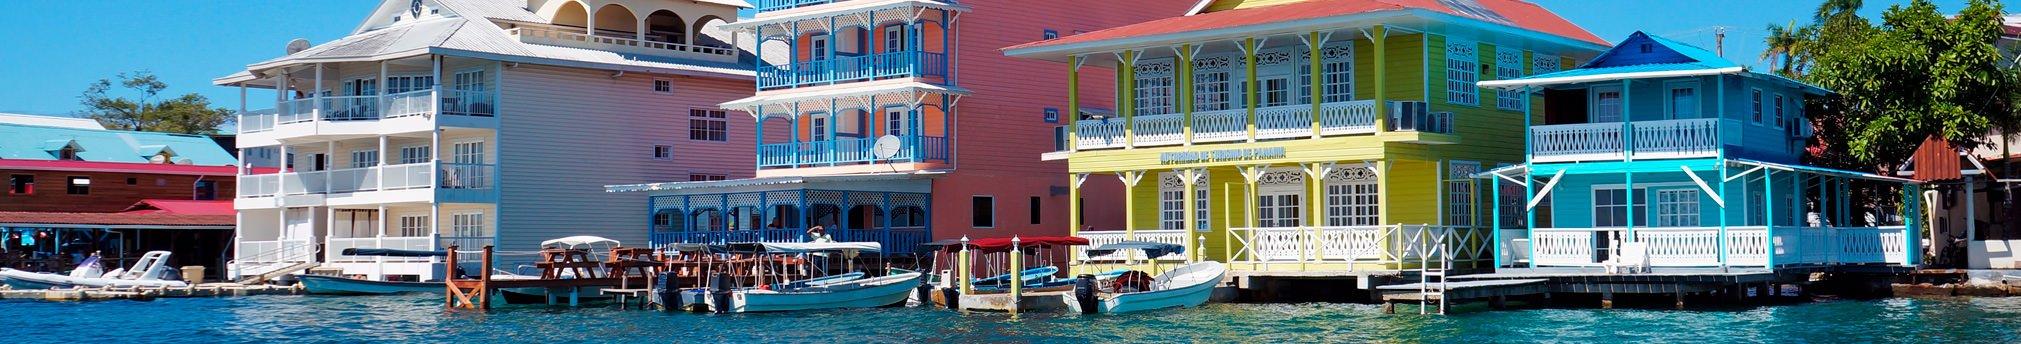 Bocas del Toro Hotels